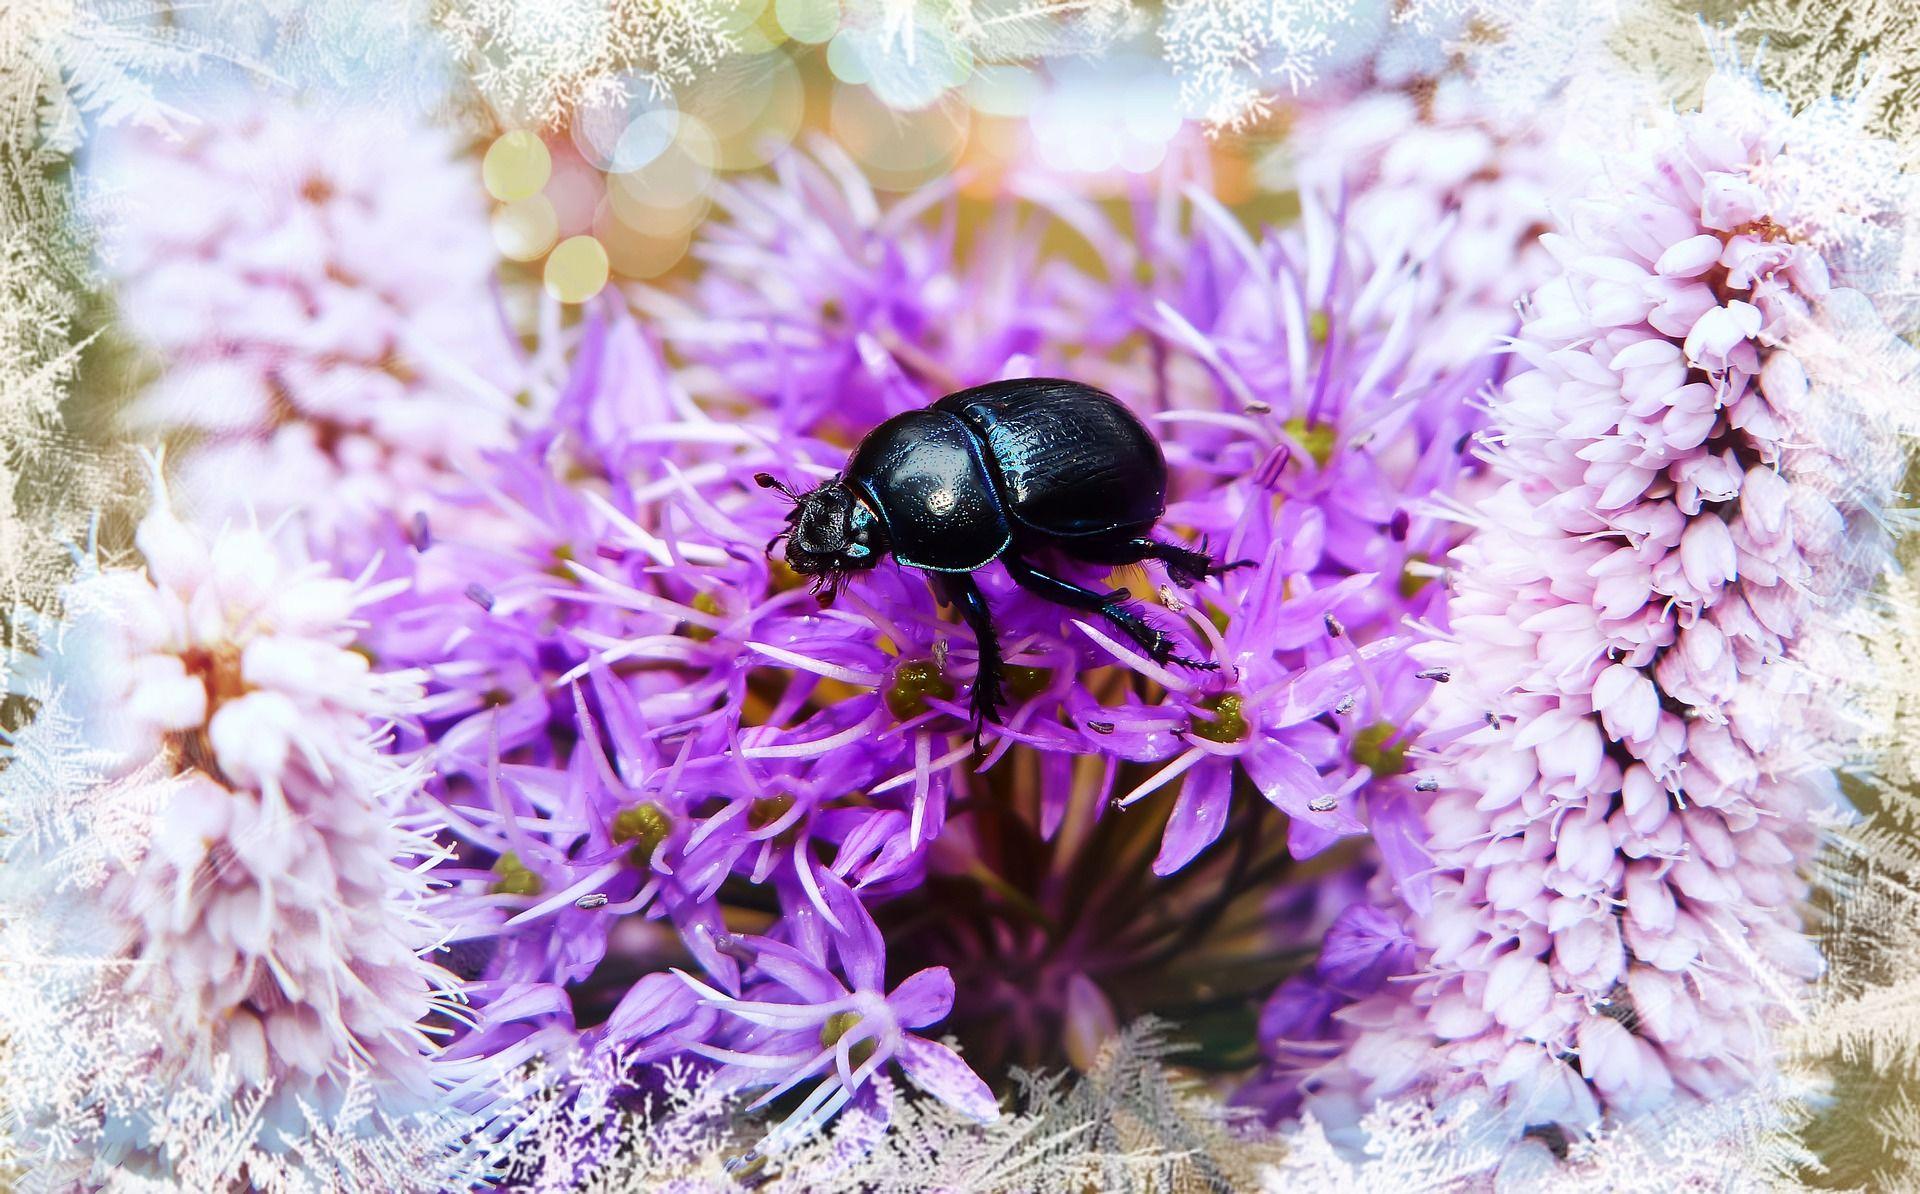 Смотреть лучшее фото большого черного жука с усами